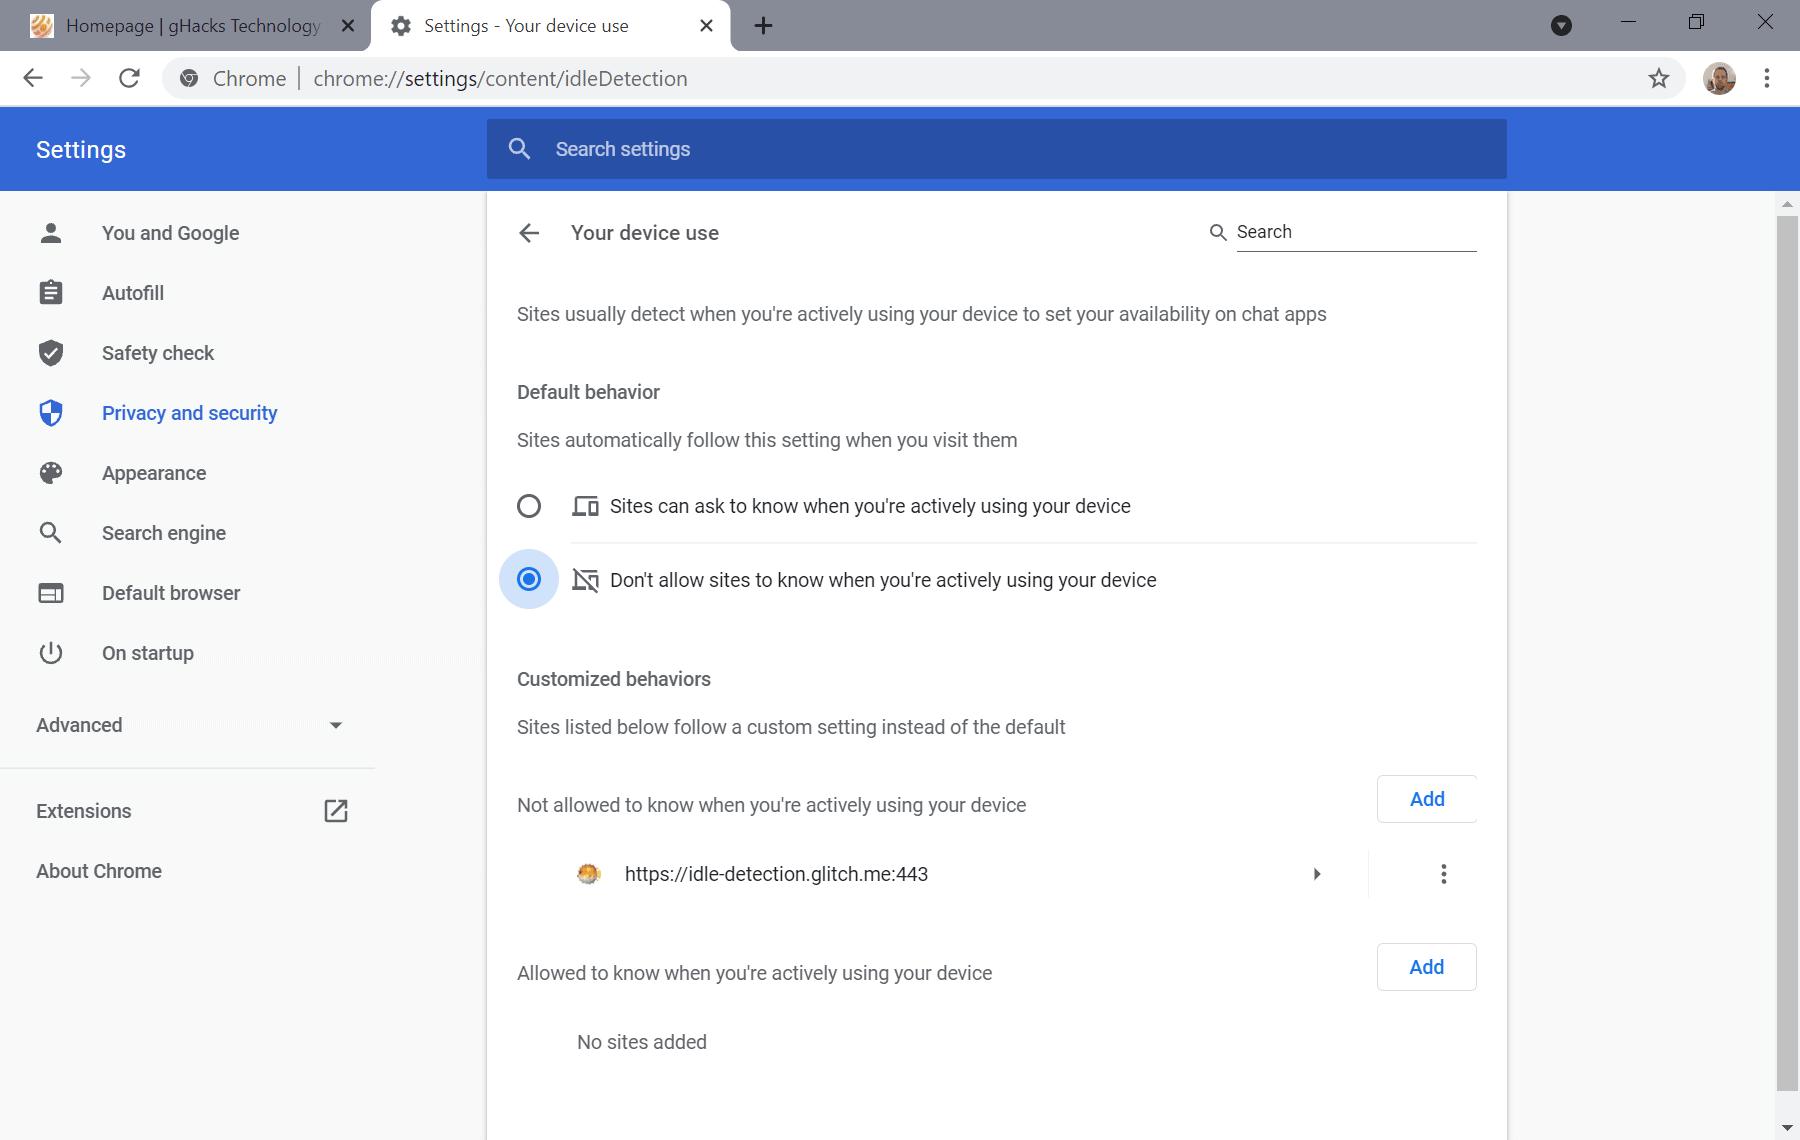 Chrome disabilita l'API di rilevamento inattivo